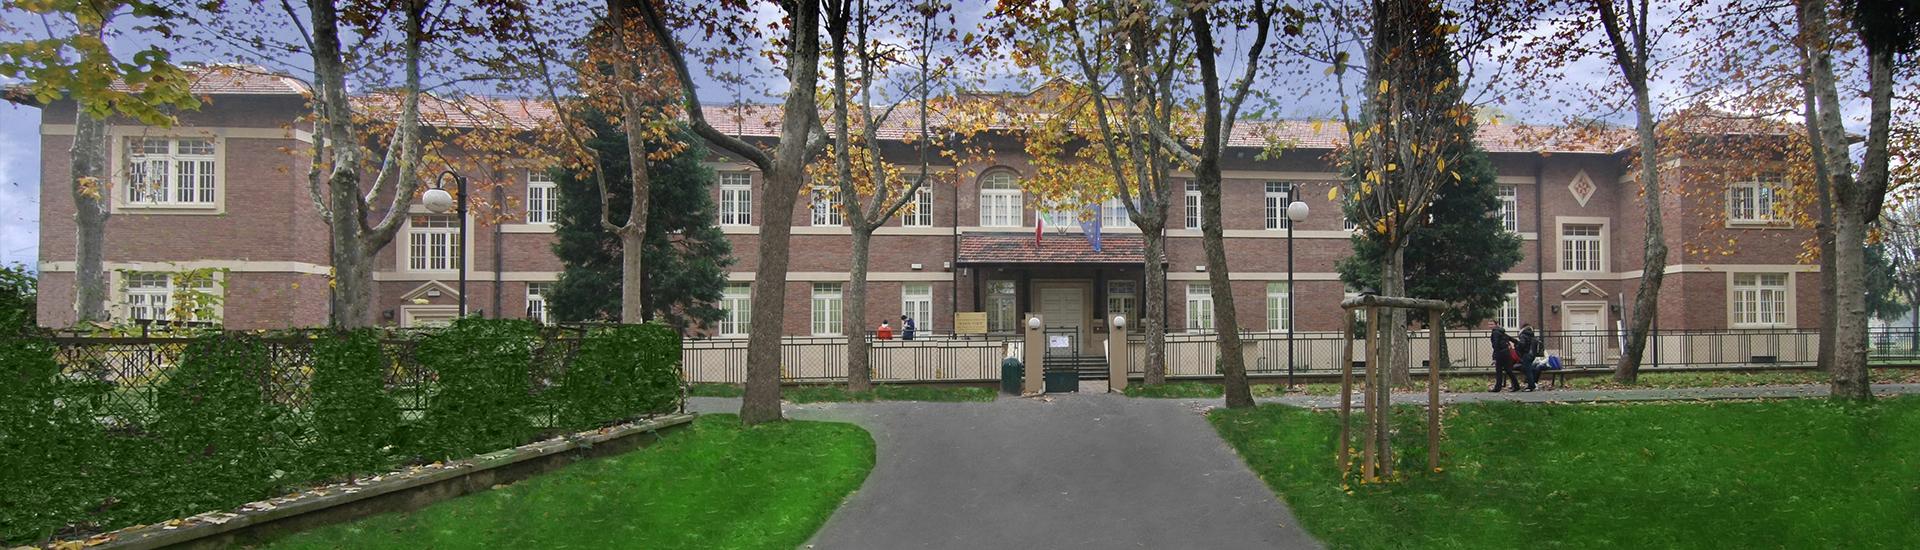 Sede della sezione liceale M. Curie